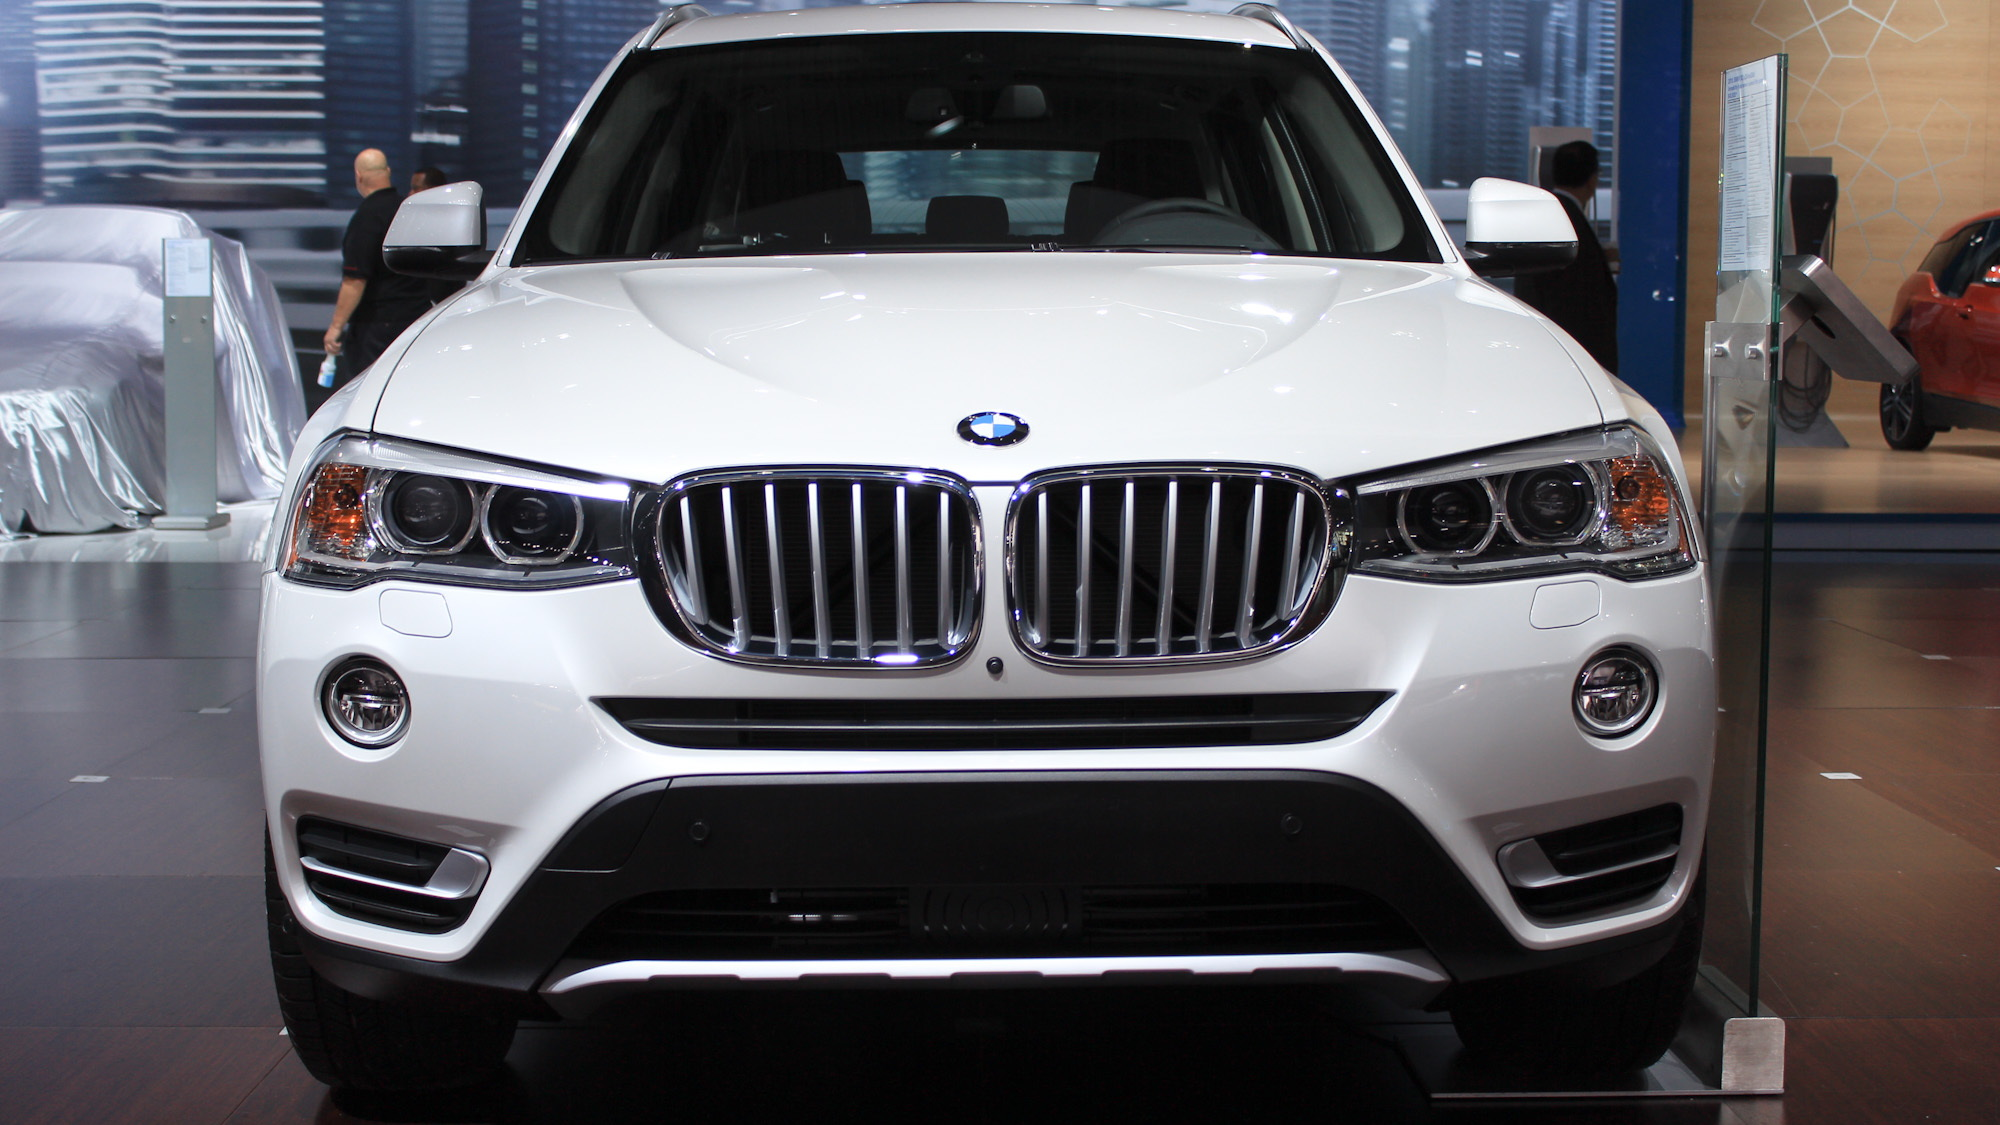 2015 BMW X3 xDrive 28d, 2014 New York Auto Show